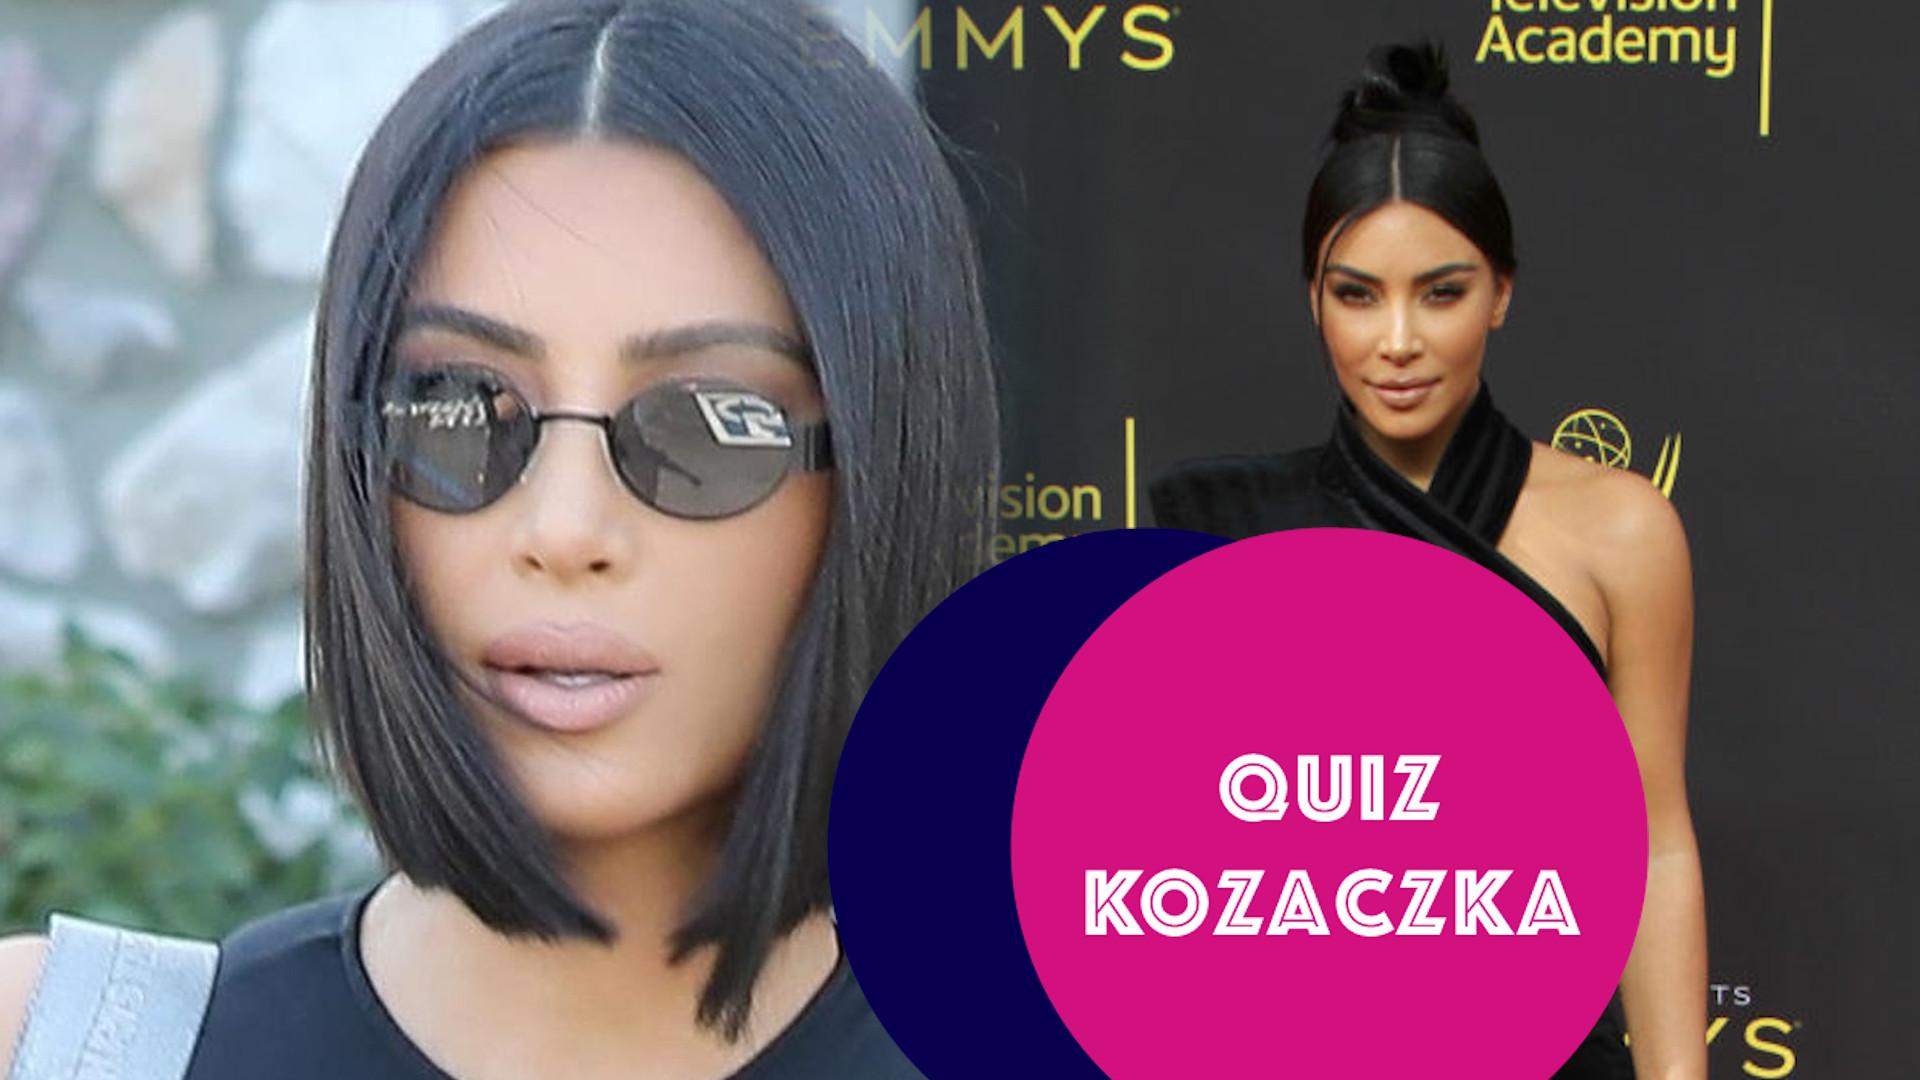 Bez czego Kim Kardashian nie wsiądzie do samolotu? W jakim serialu zagrała? Sprawdź, czy wiesz! (QUIZ)